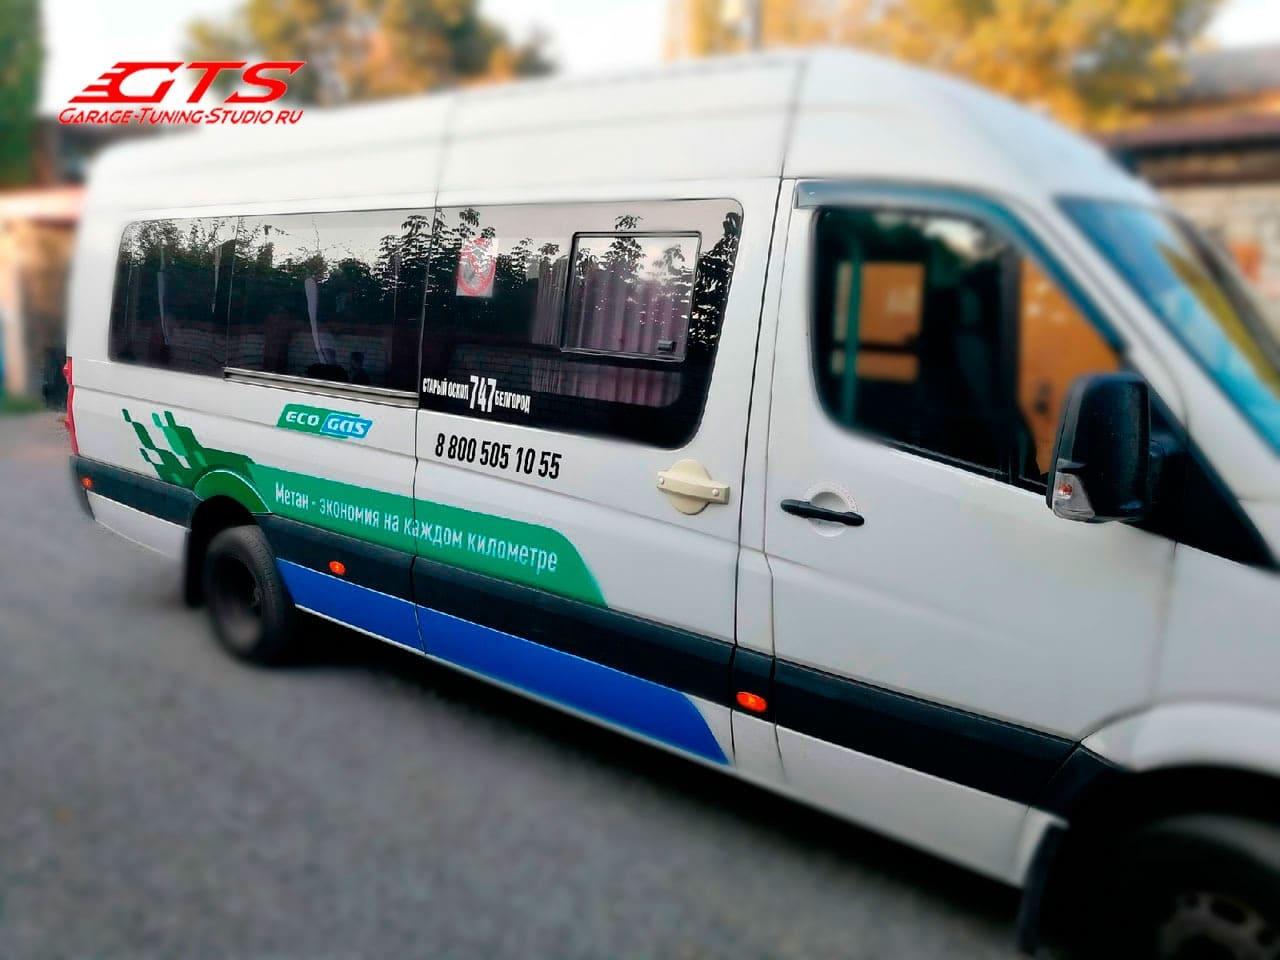 Особенности брендирования фургонов и микроавтобусов